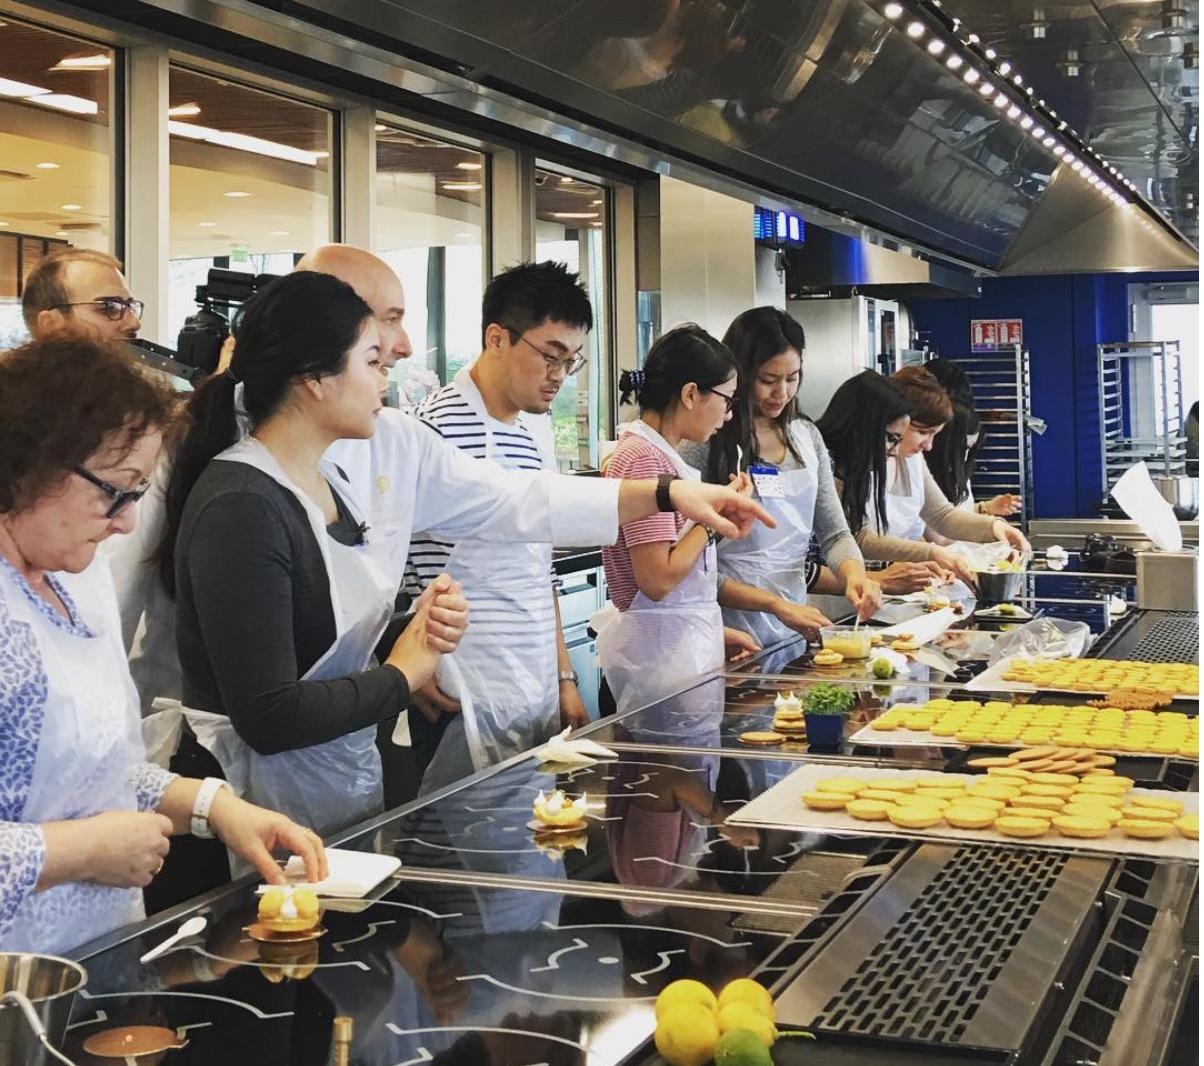 Cu l es la mejor escuela de cocina del mundo comida for Escuela de cocina